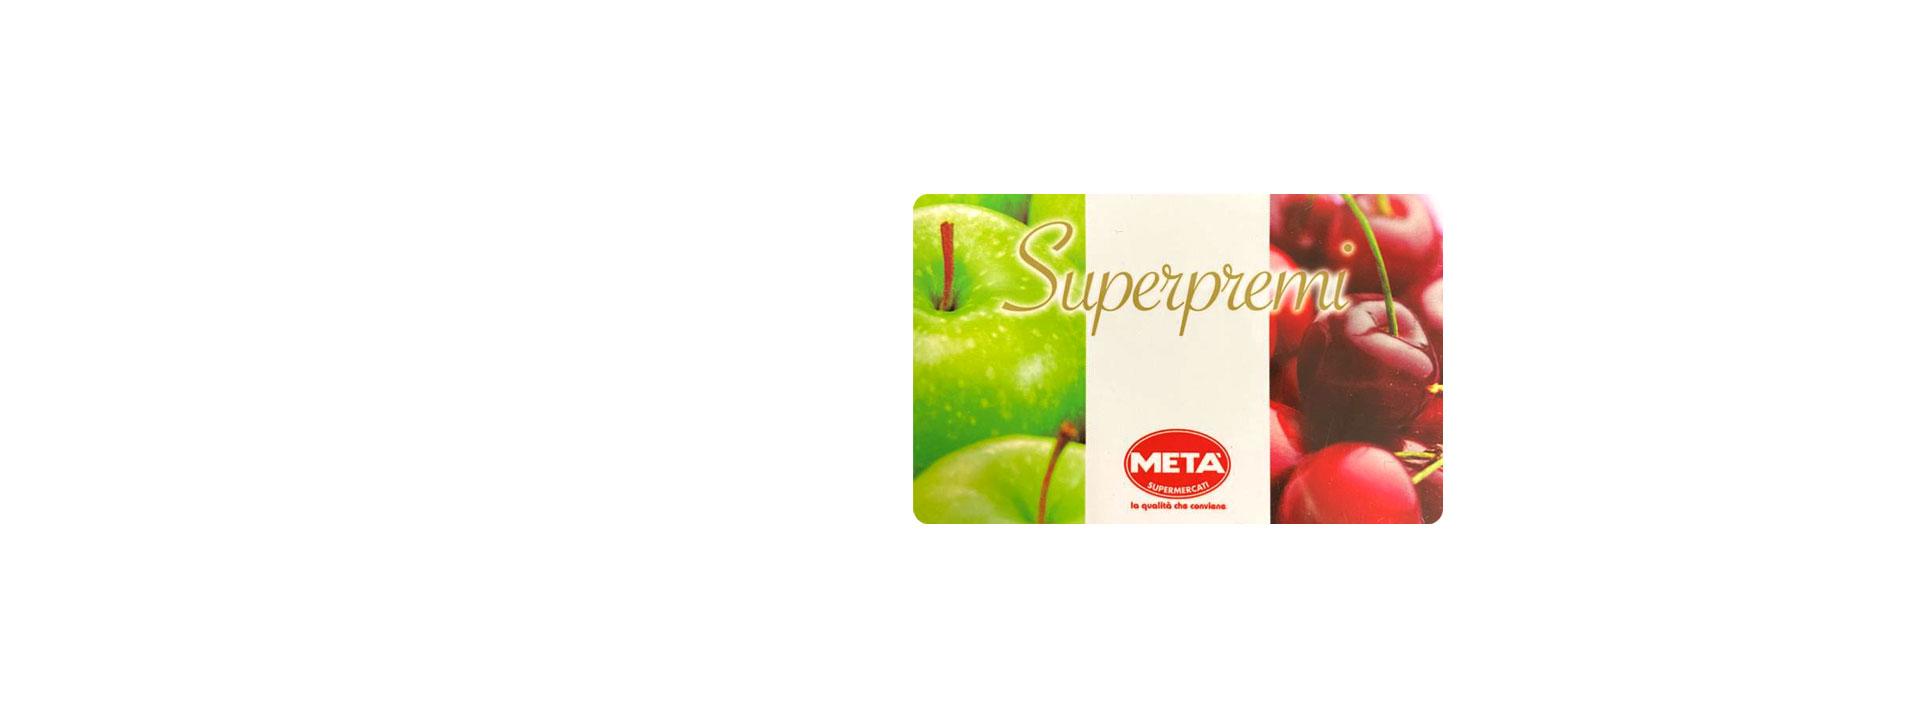 Supermercato metà, la CARD sconto 10% per Commercianti di Roma Prati